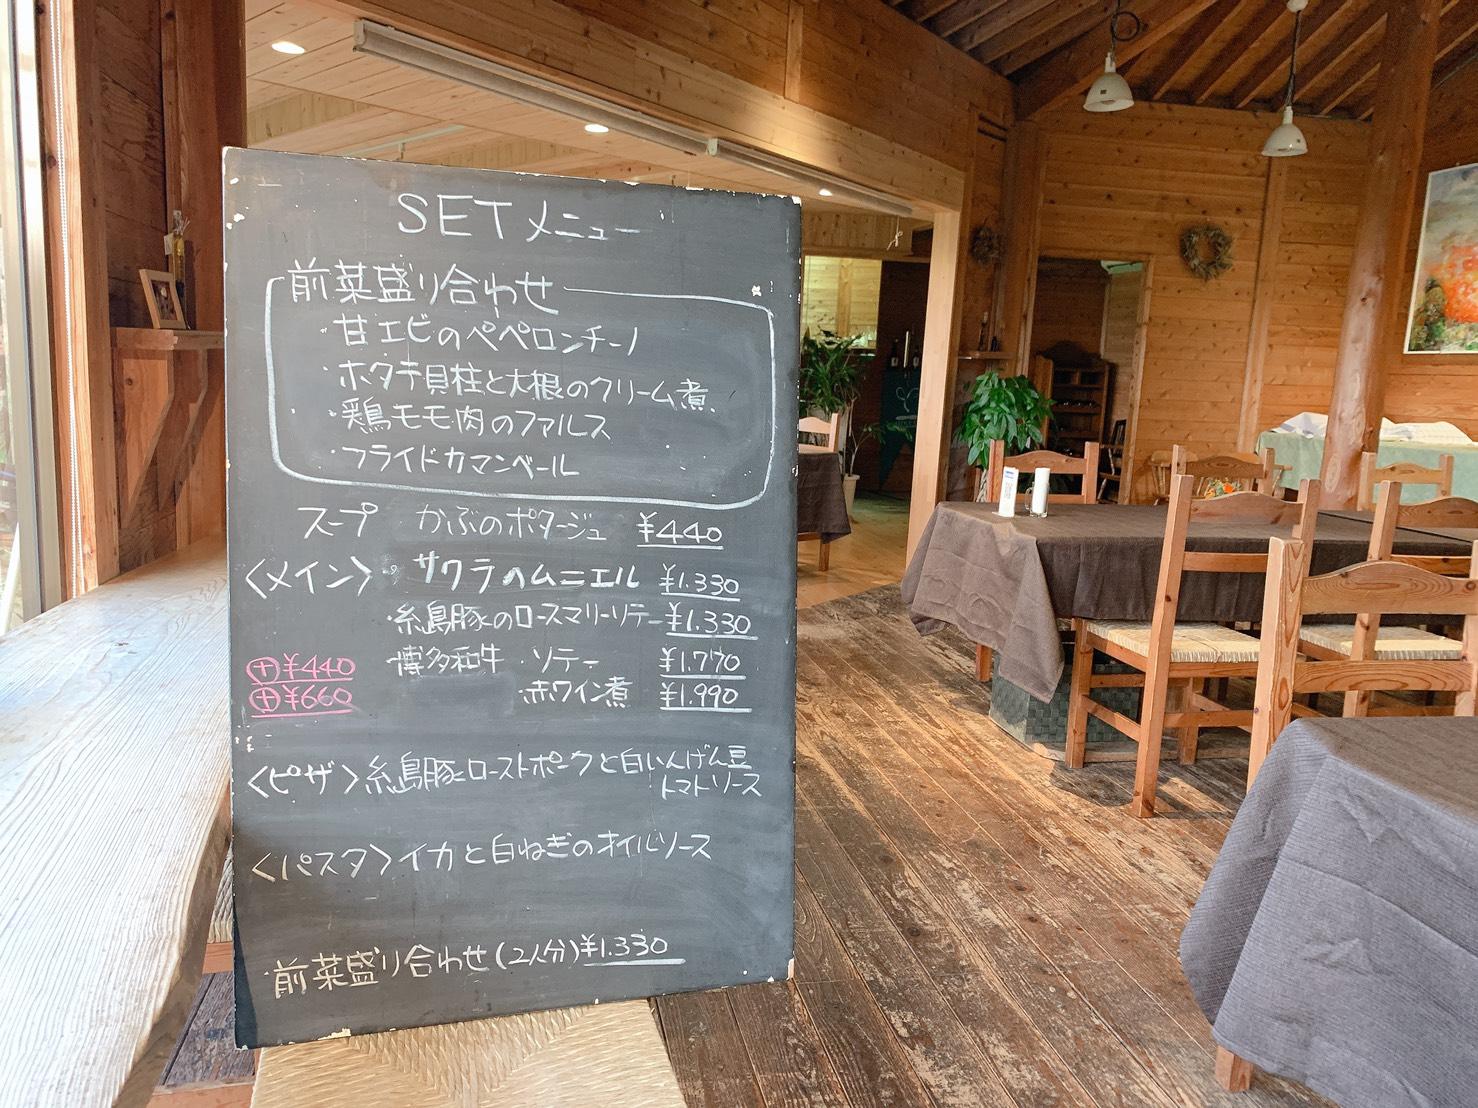 ハーブガーデン・プティール倶楽部 ディナーメニュー